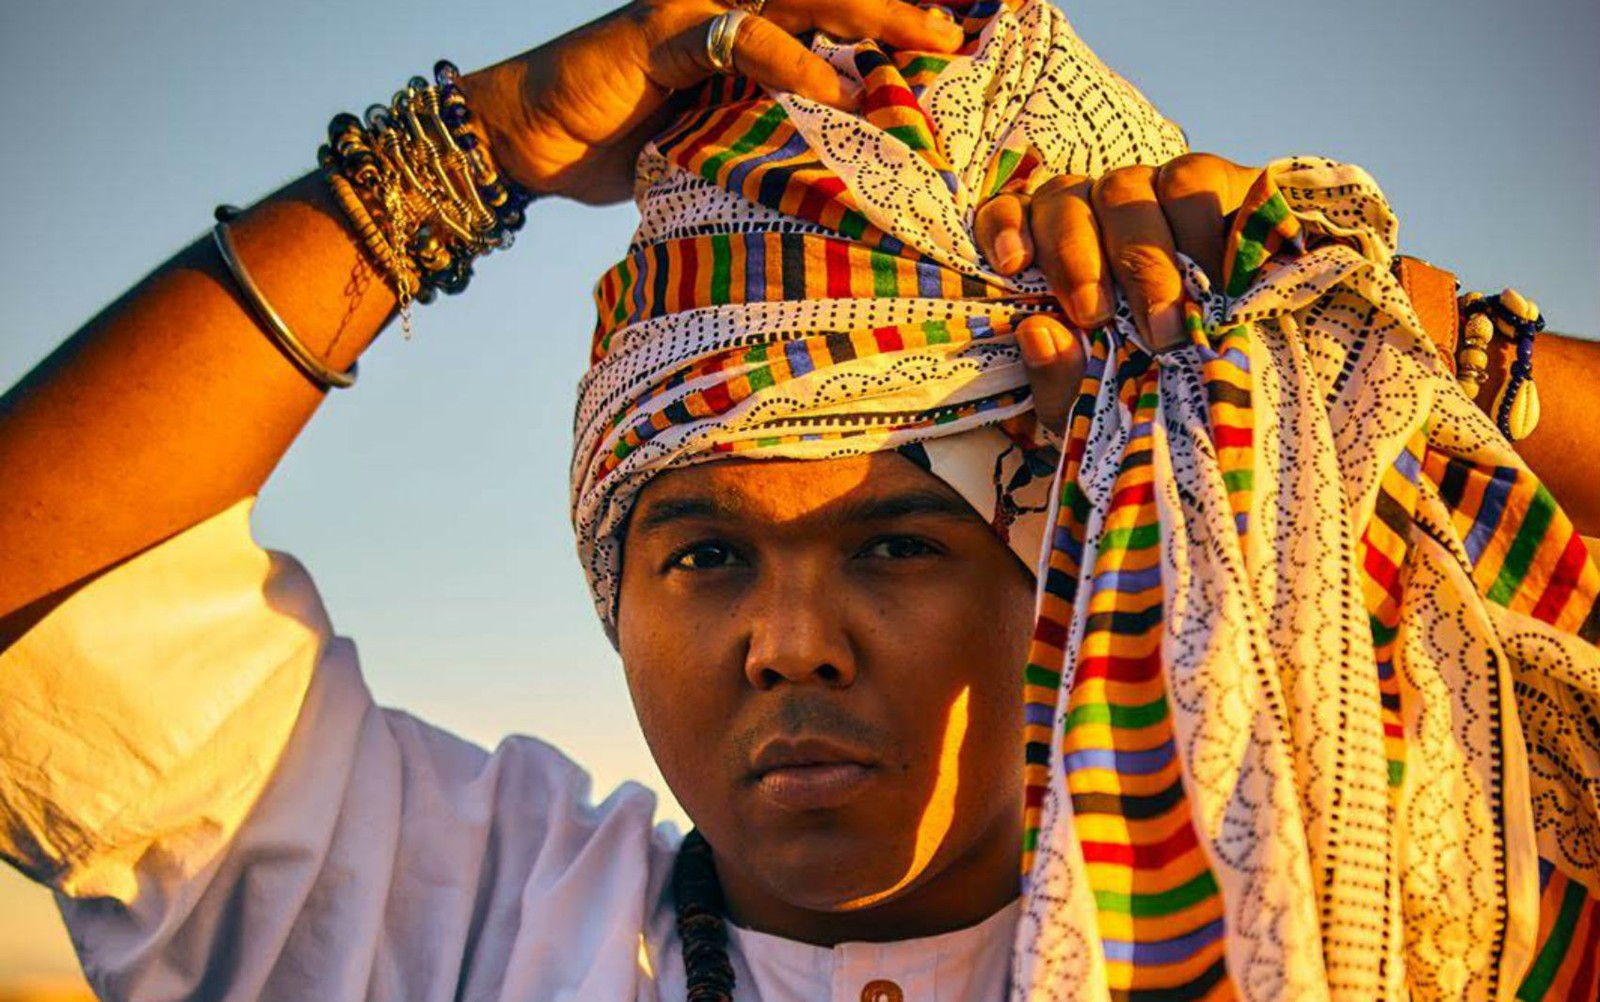 O professor Maurício Souza Neto passou a refletir sobre a expressão da negritude após ver blocos afros como o Ilê Aiyê